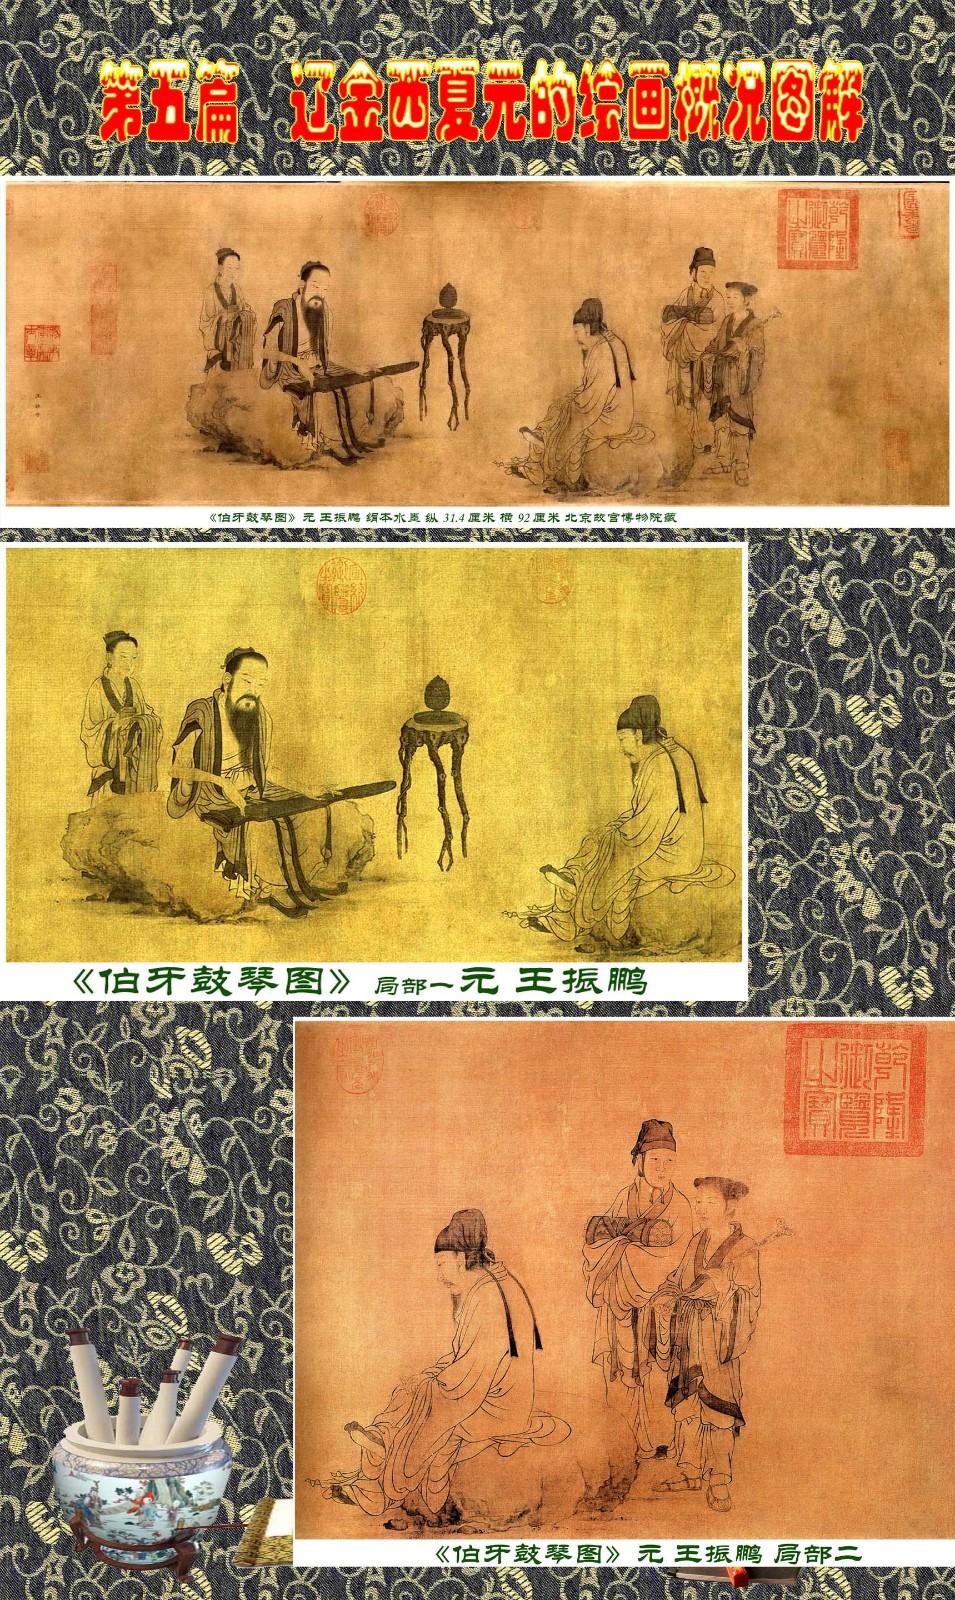 顾绍骅编辑 中国画知识普及版 第五篇 辽金西夏元的绘画概况 下 ... ..._图1-48